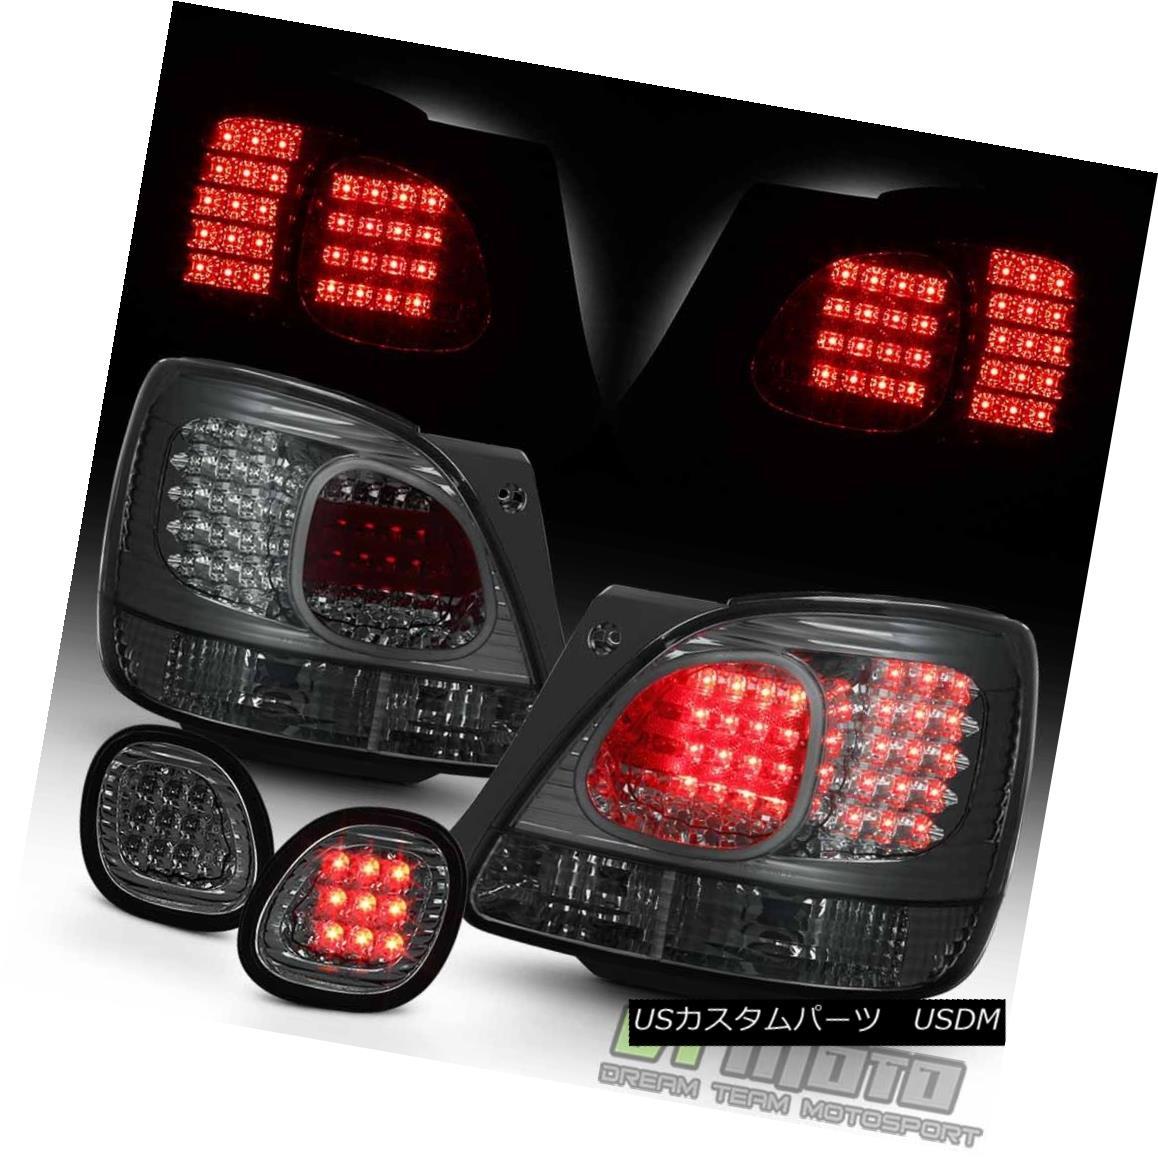 テールライト [Combo] Smoke 1998-2005 Lexus GS300 GS400 GS430 LED Tail Lights+LED Trunk Lamps [コンボ]煙1998-2005レクサスGS300 GS400 GS430 LEDテールライト+ LEDトランクランプ